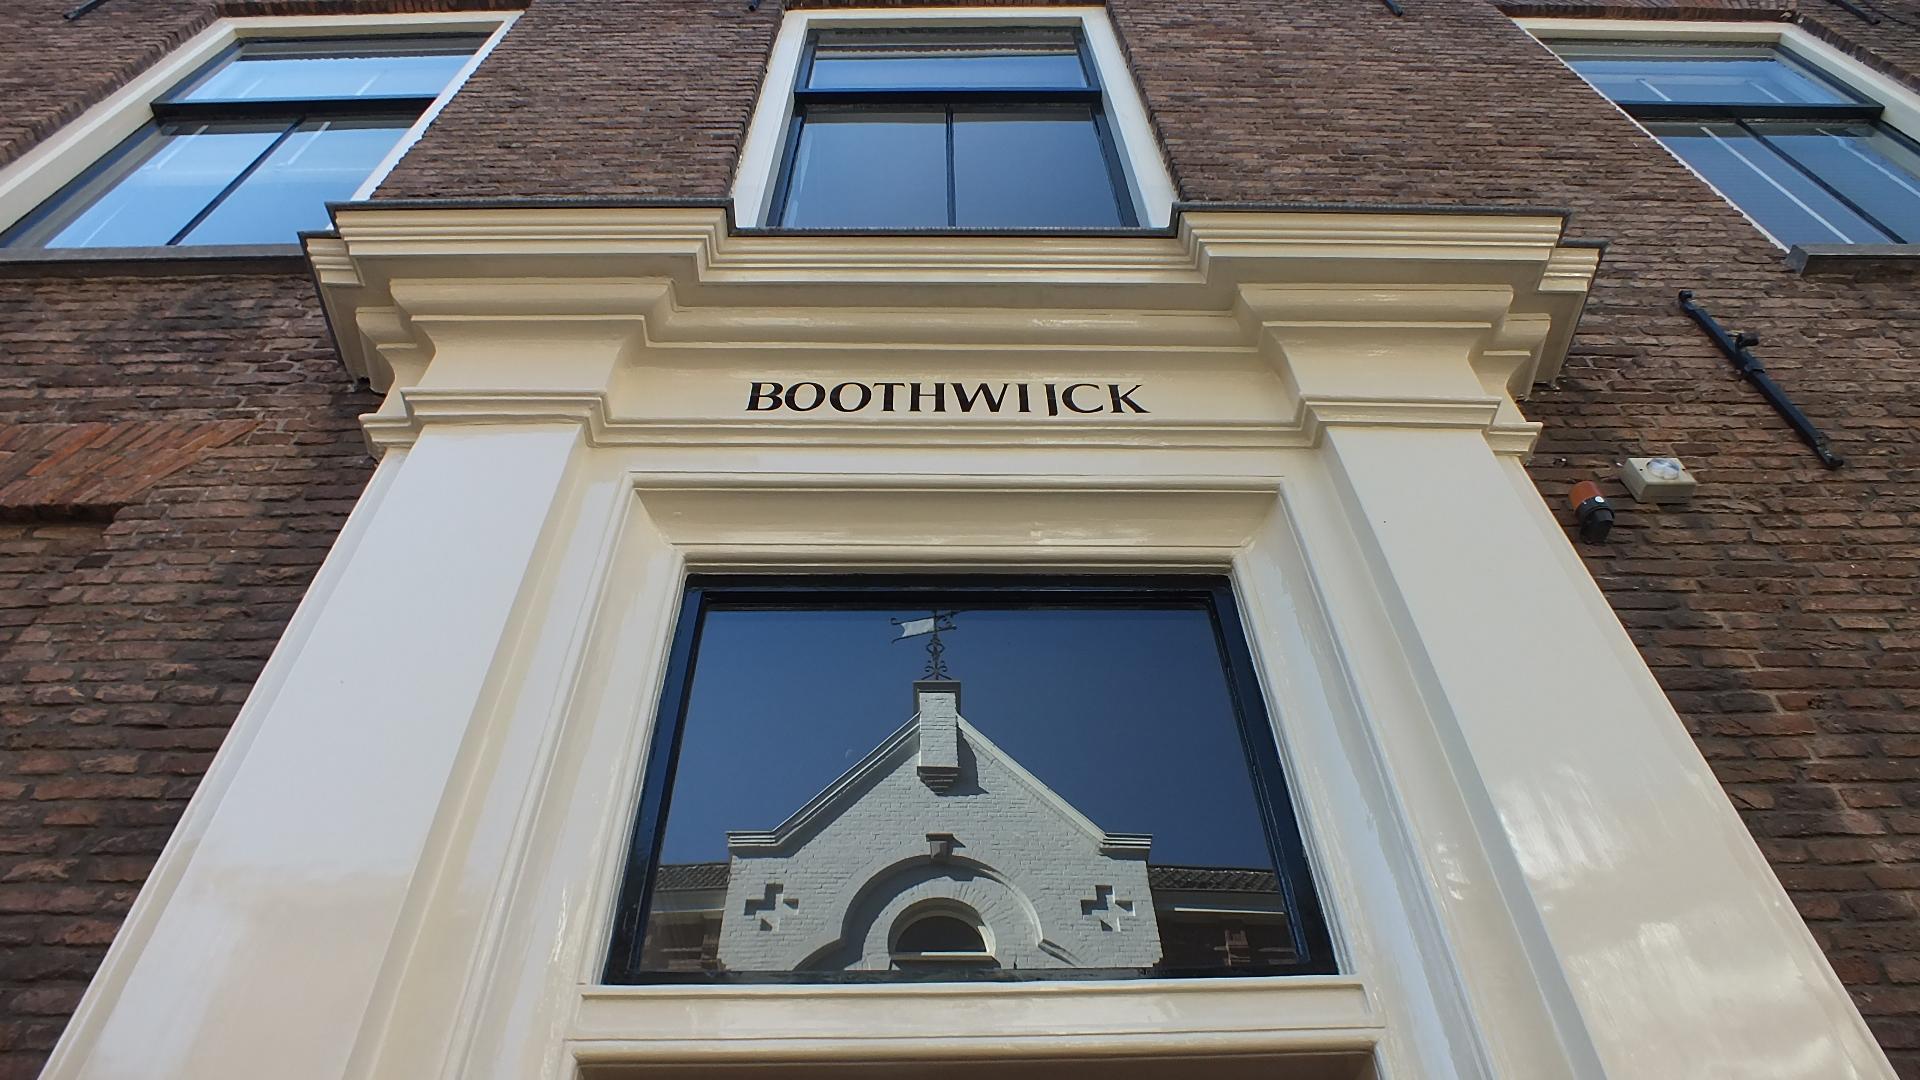 De nieuwe huisnaam